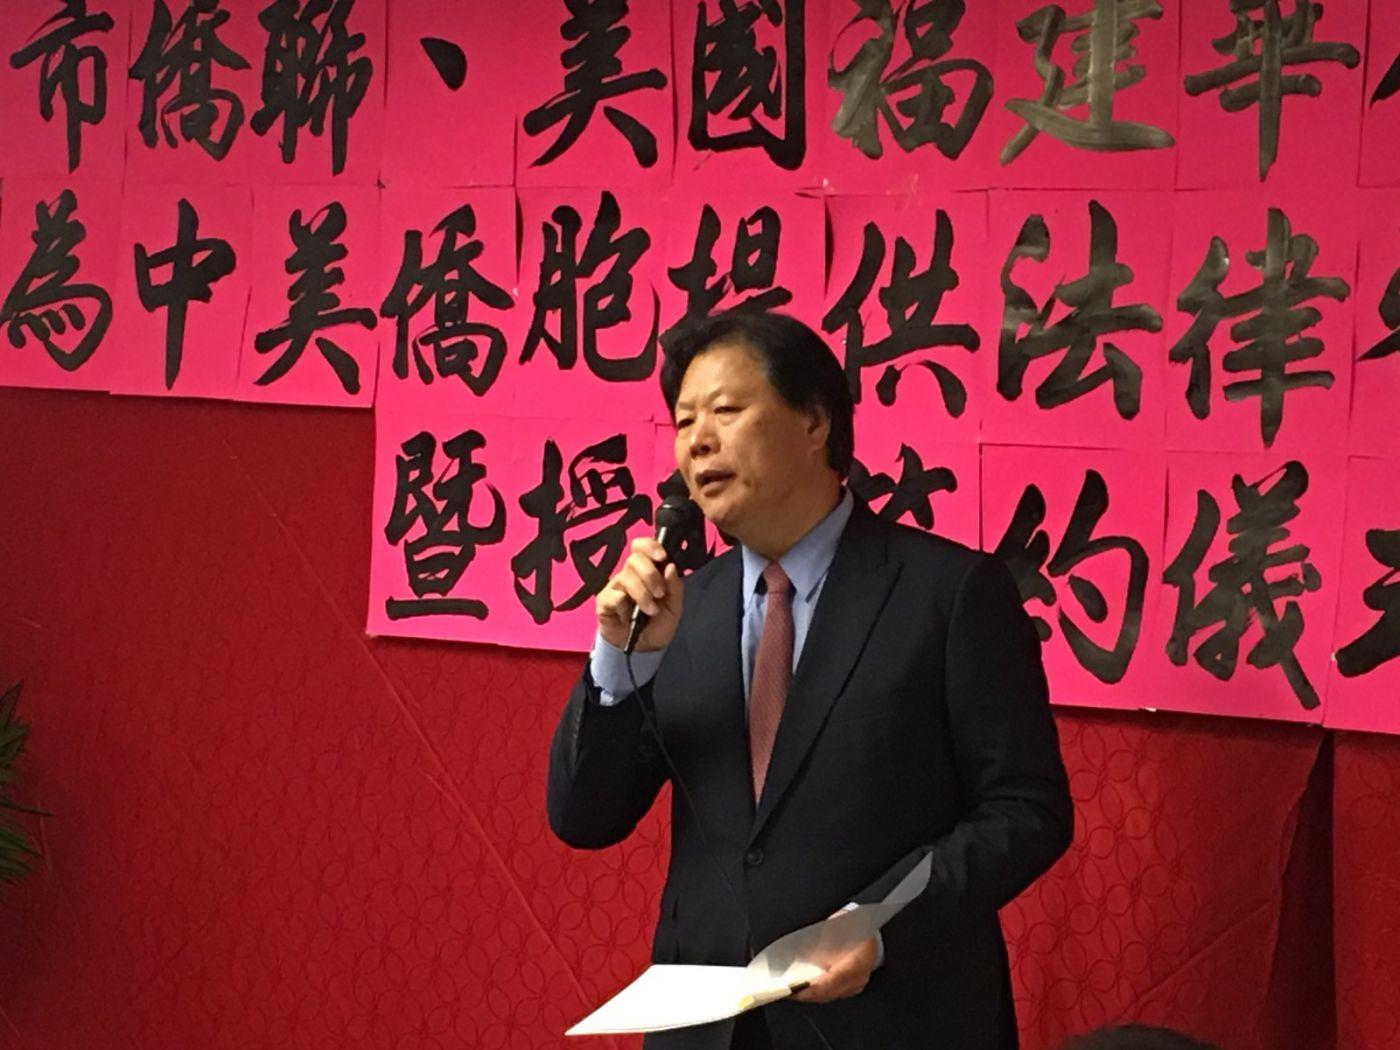 美国福建华人联合会欢迎福州市侨联主席蓝桂兰访美代表团一行 ... ..._图1-7